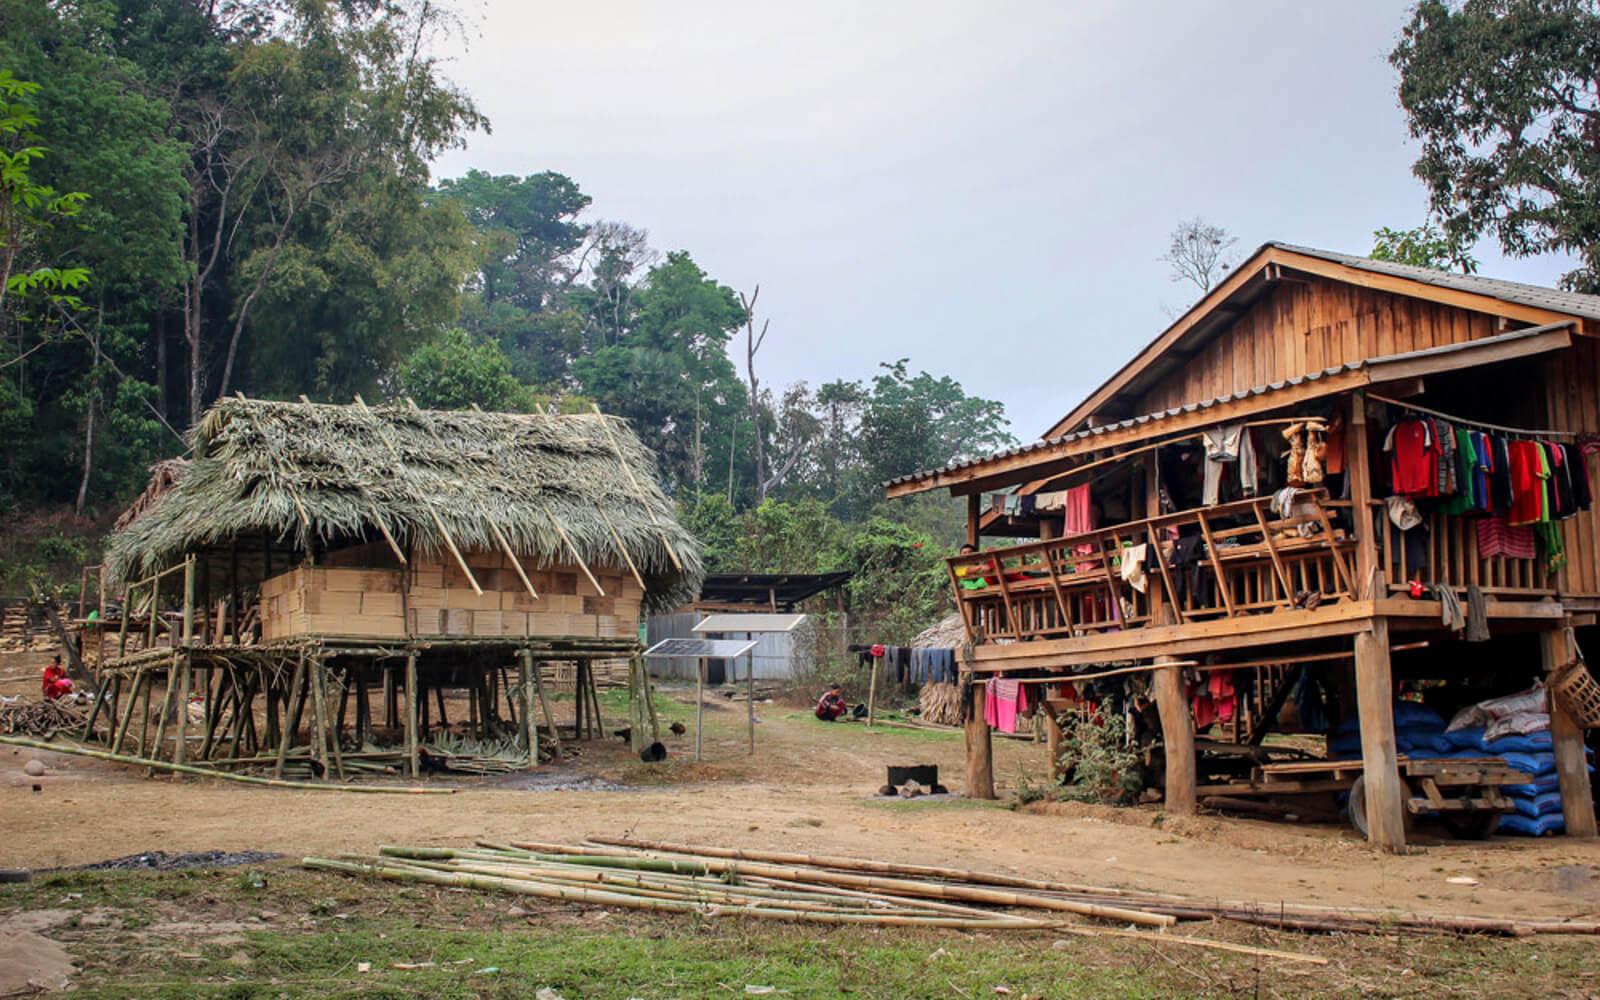 Häuser auf Stelzen in Thailand